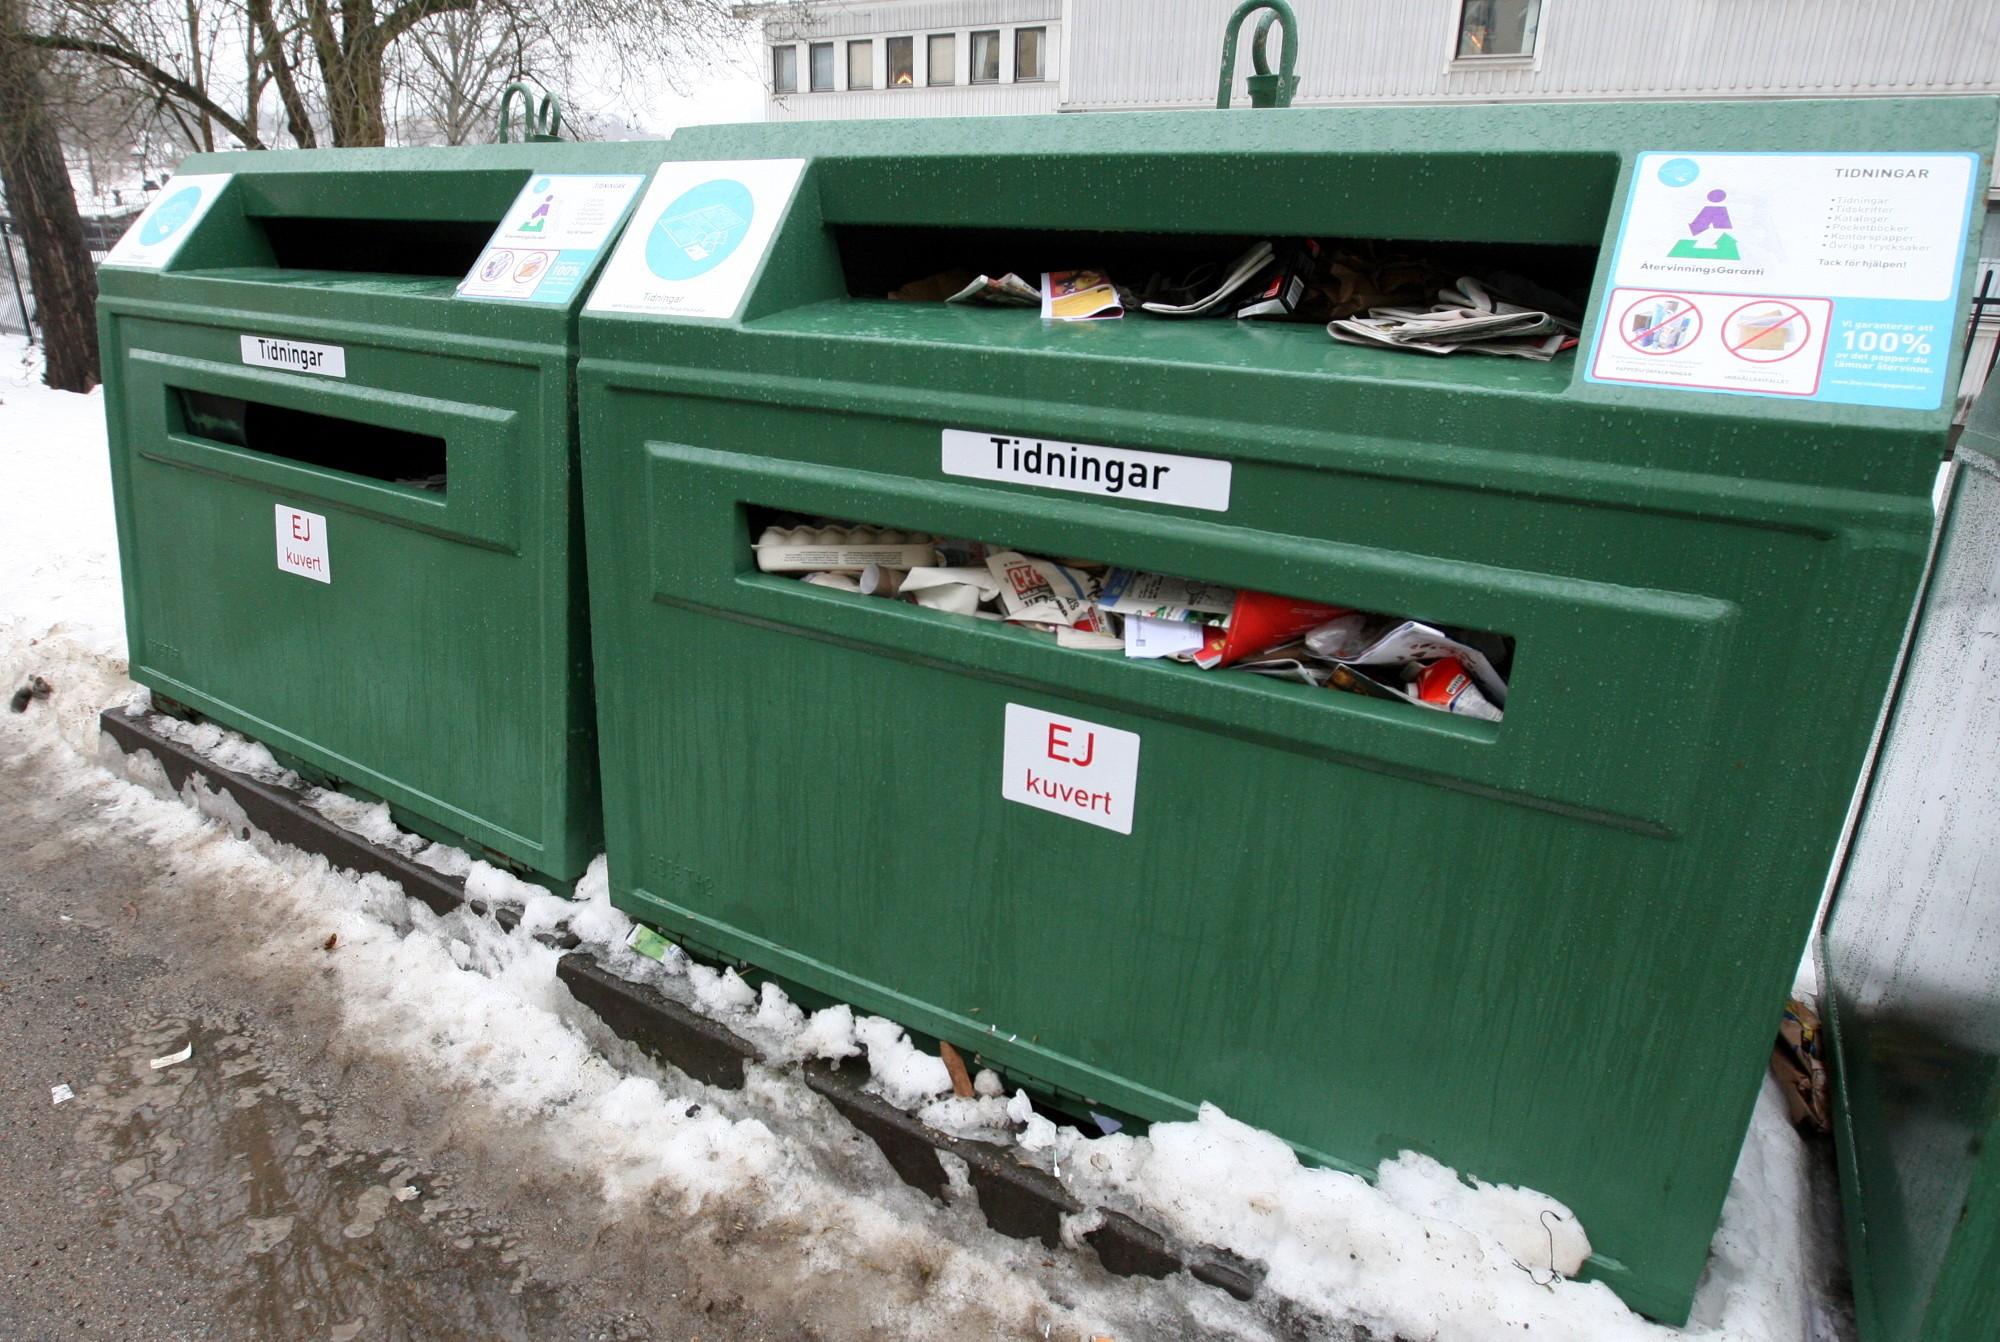 раздельный сбор мусор отходы вторсырьё Стокгольм Швеция